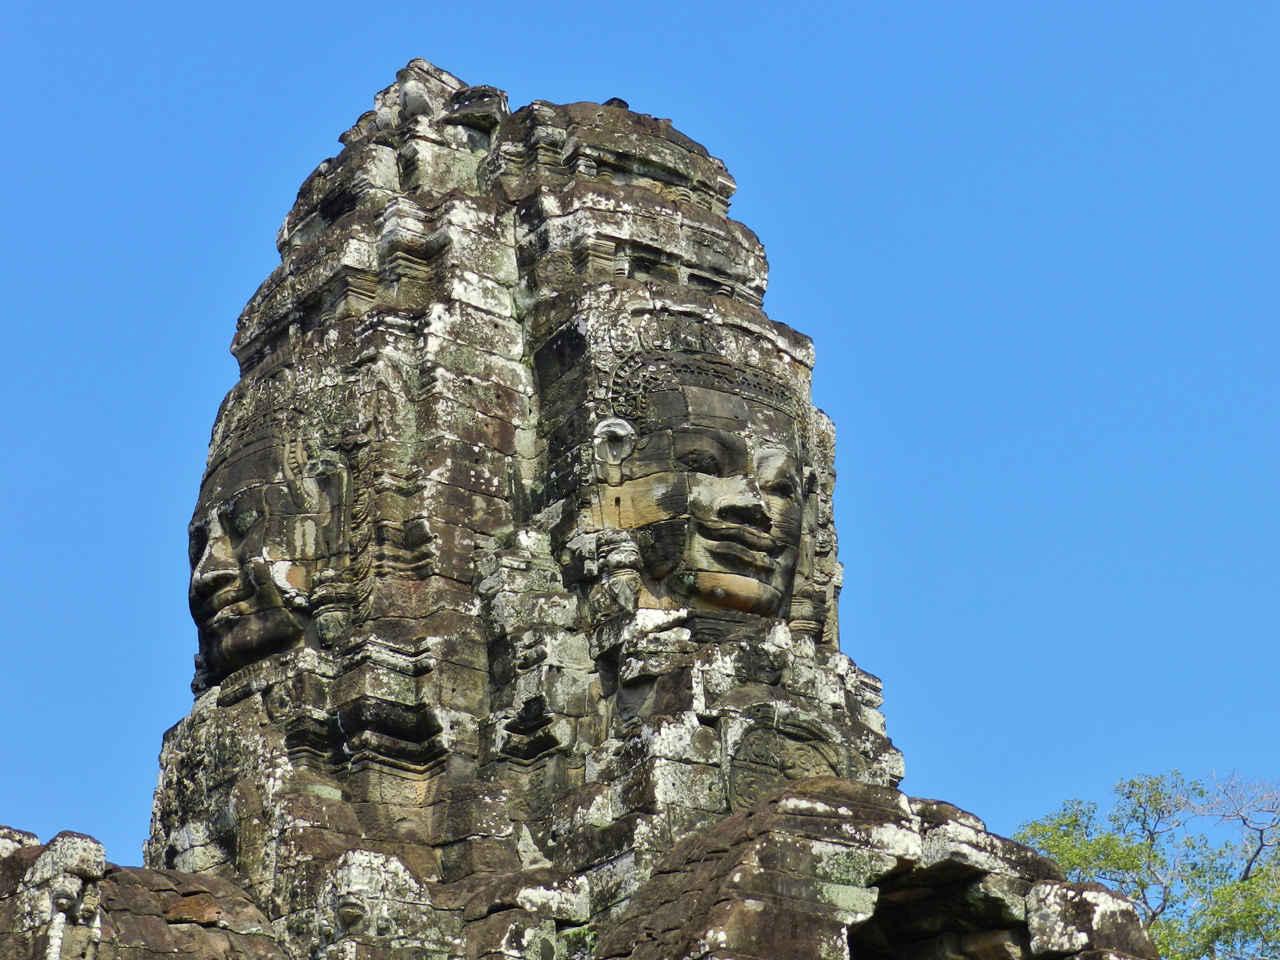 Tower at Bayon temple